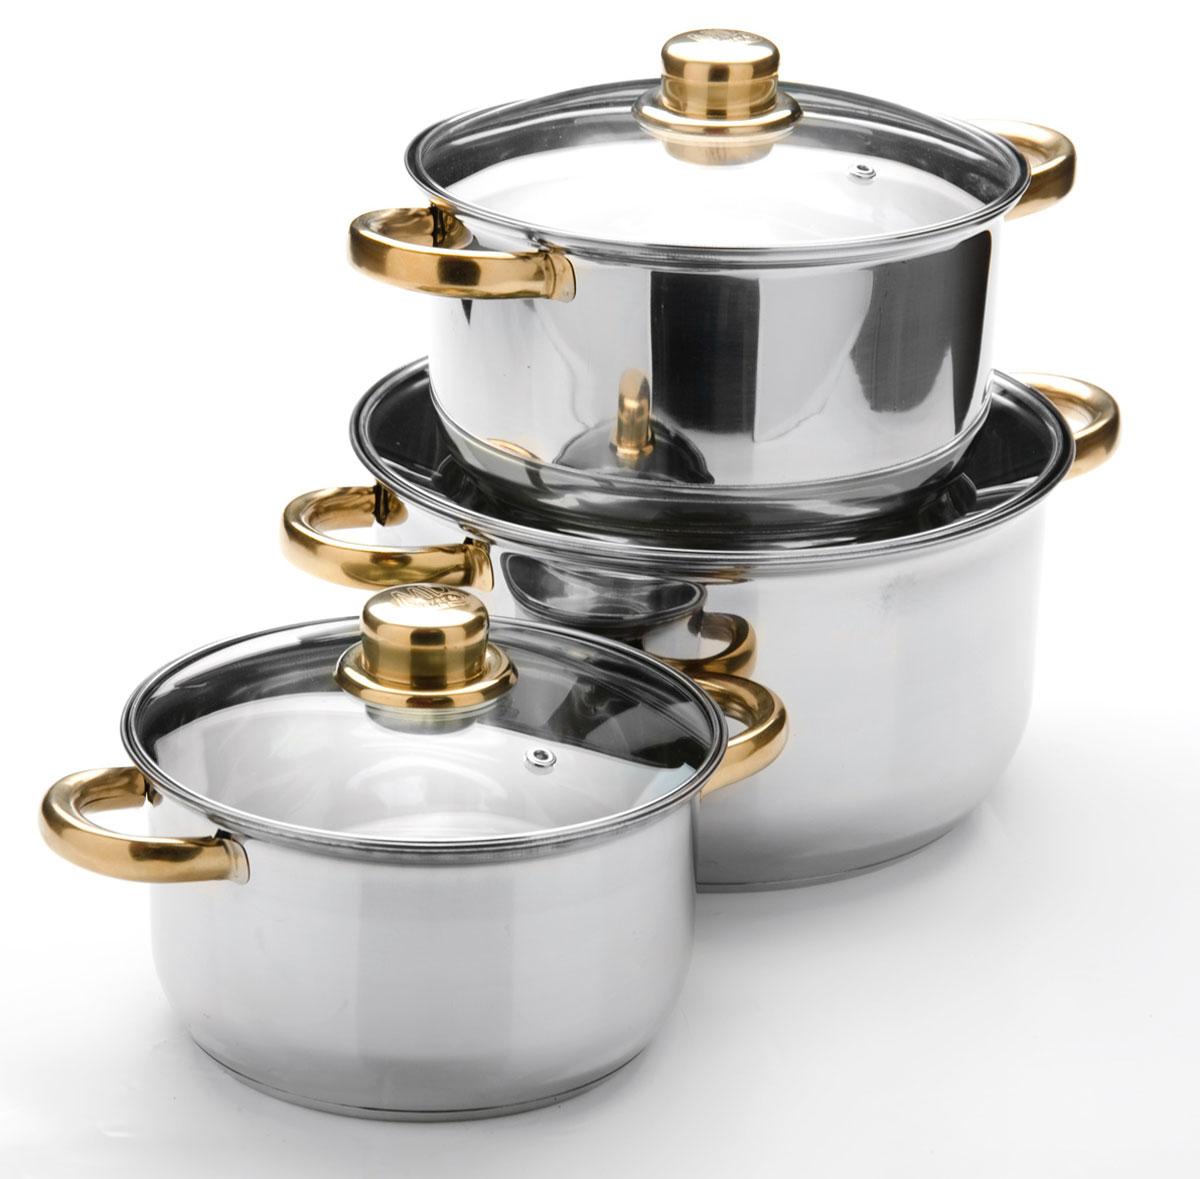 Набор посуды Mayer & Boch, 6 предметов. 25754257542+2,9+4,9л